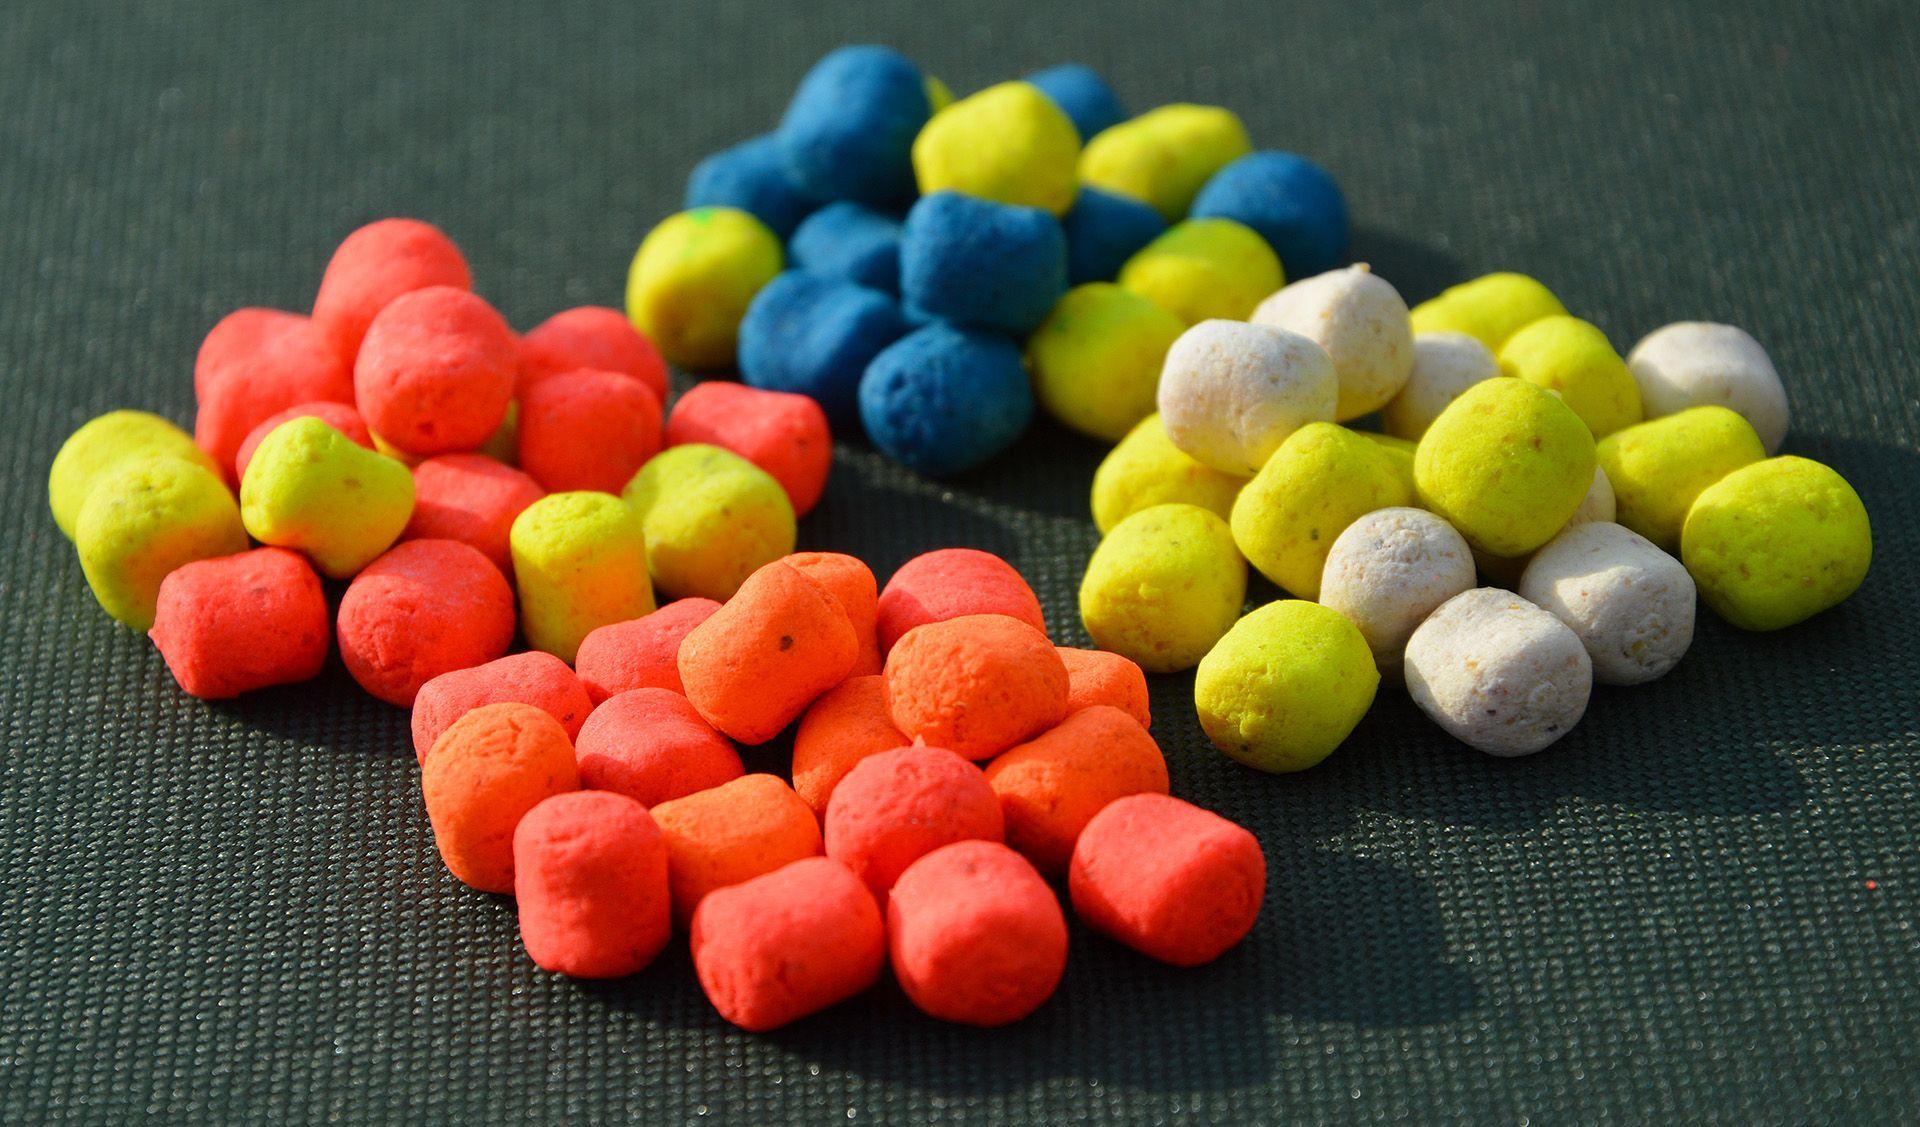 Összesen négy favorit színösszeállítás alkotja 6 ízben elérhető választékot